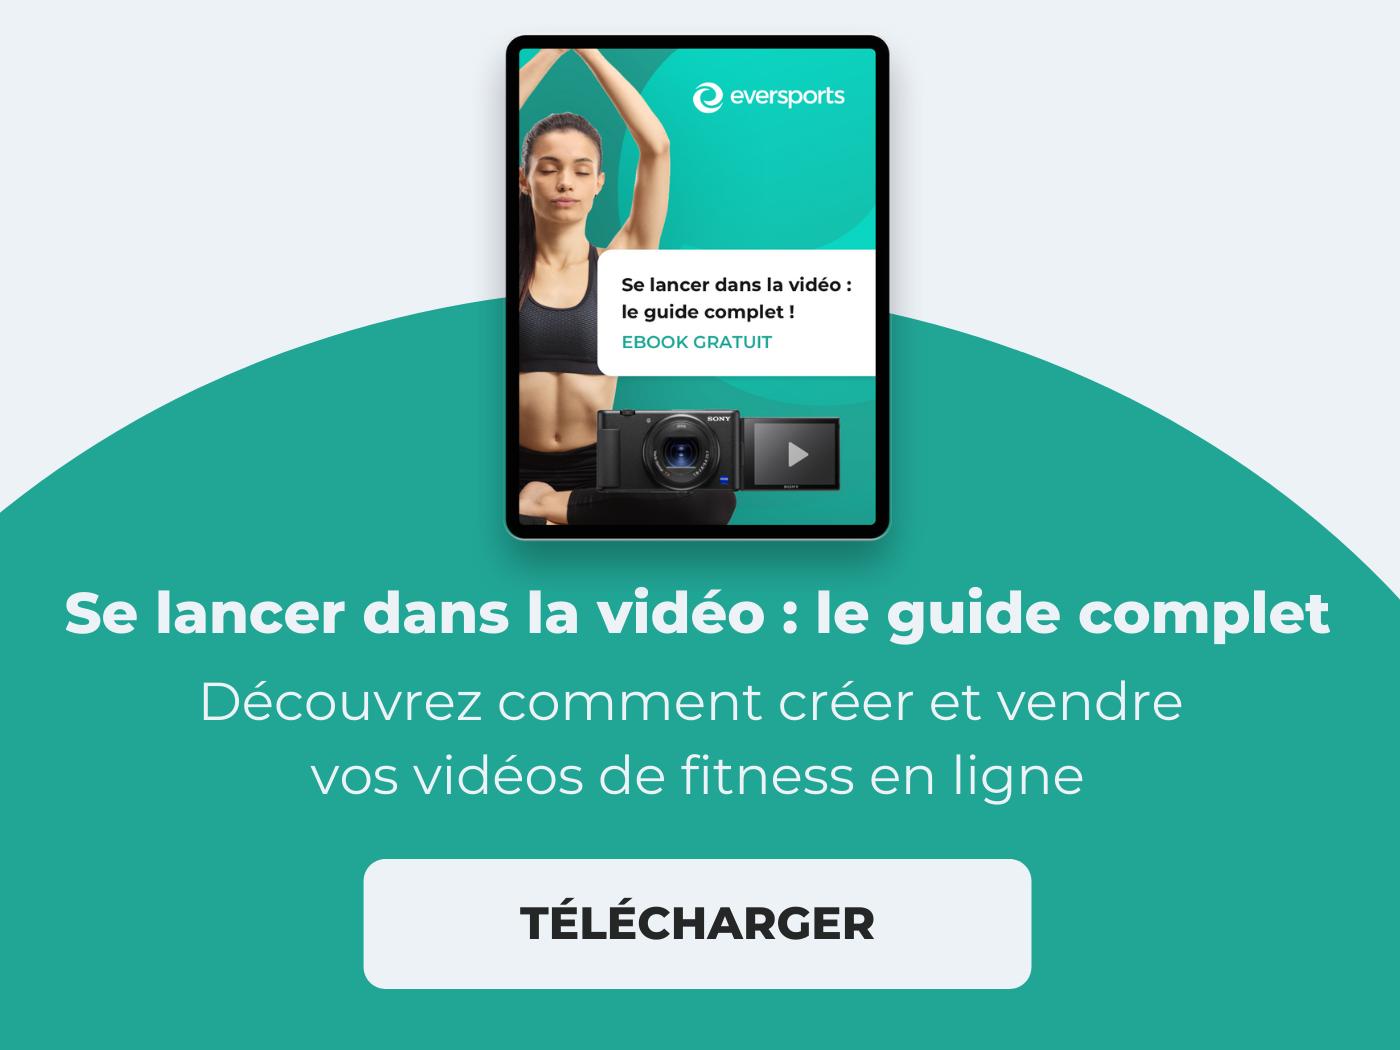 video de fitness